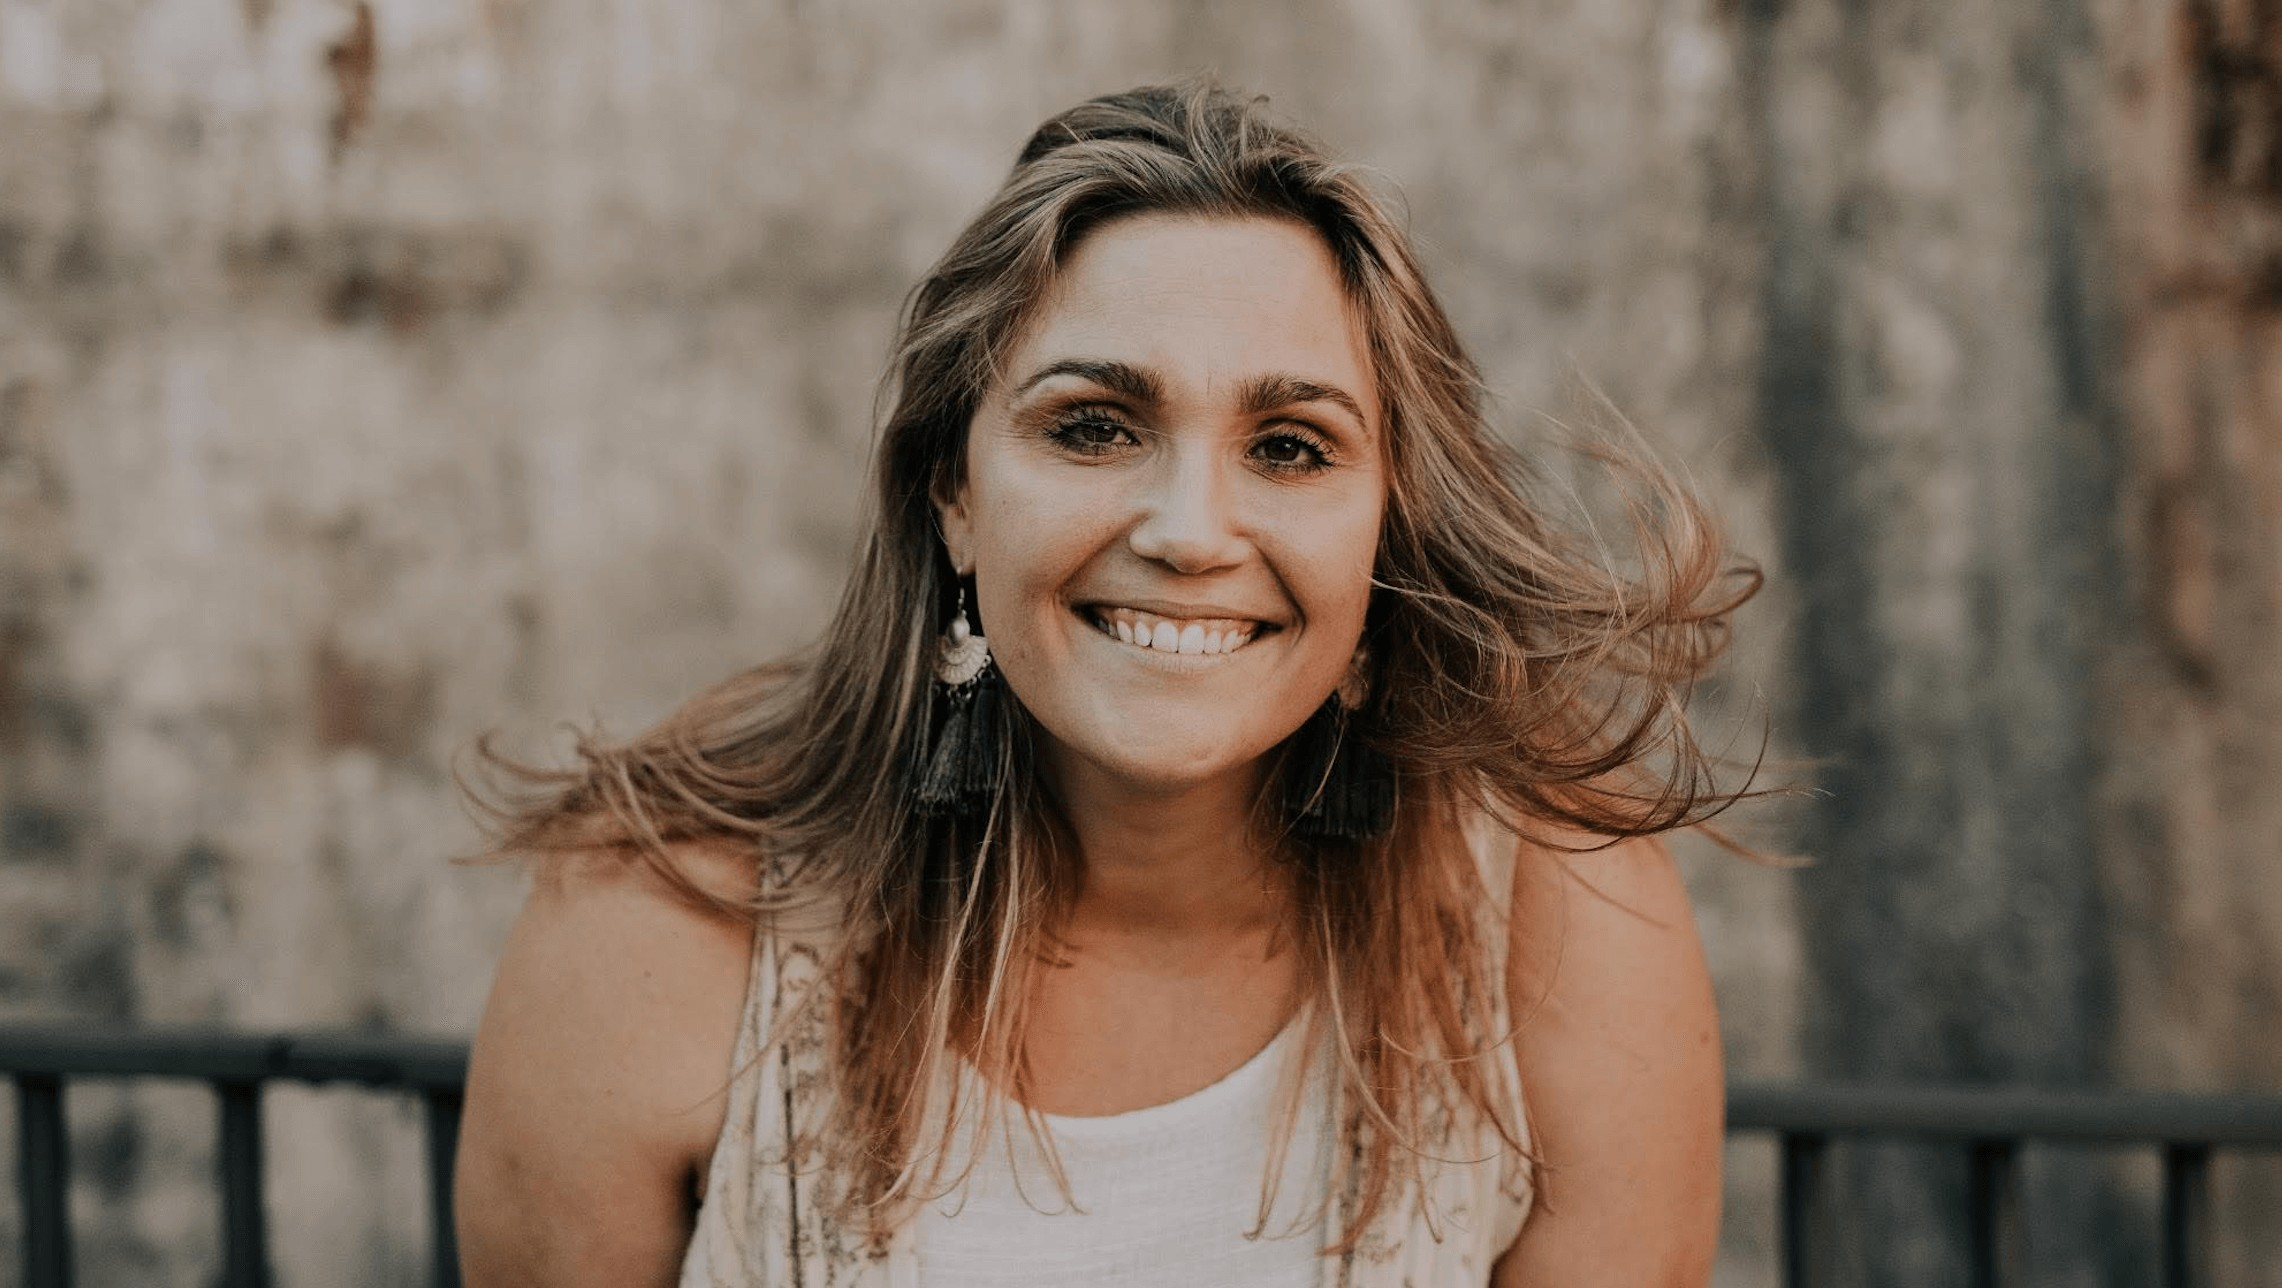 Paula Bernardic